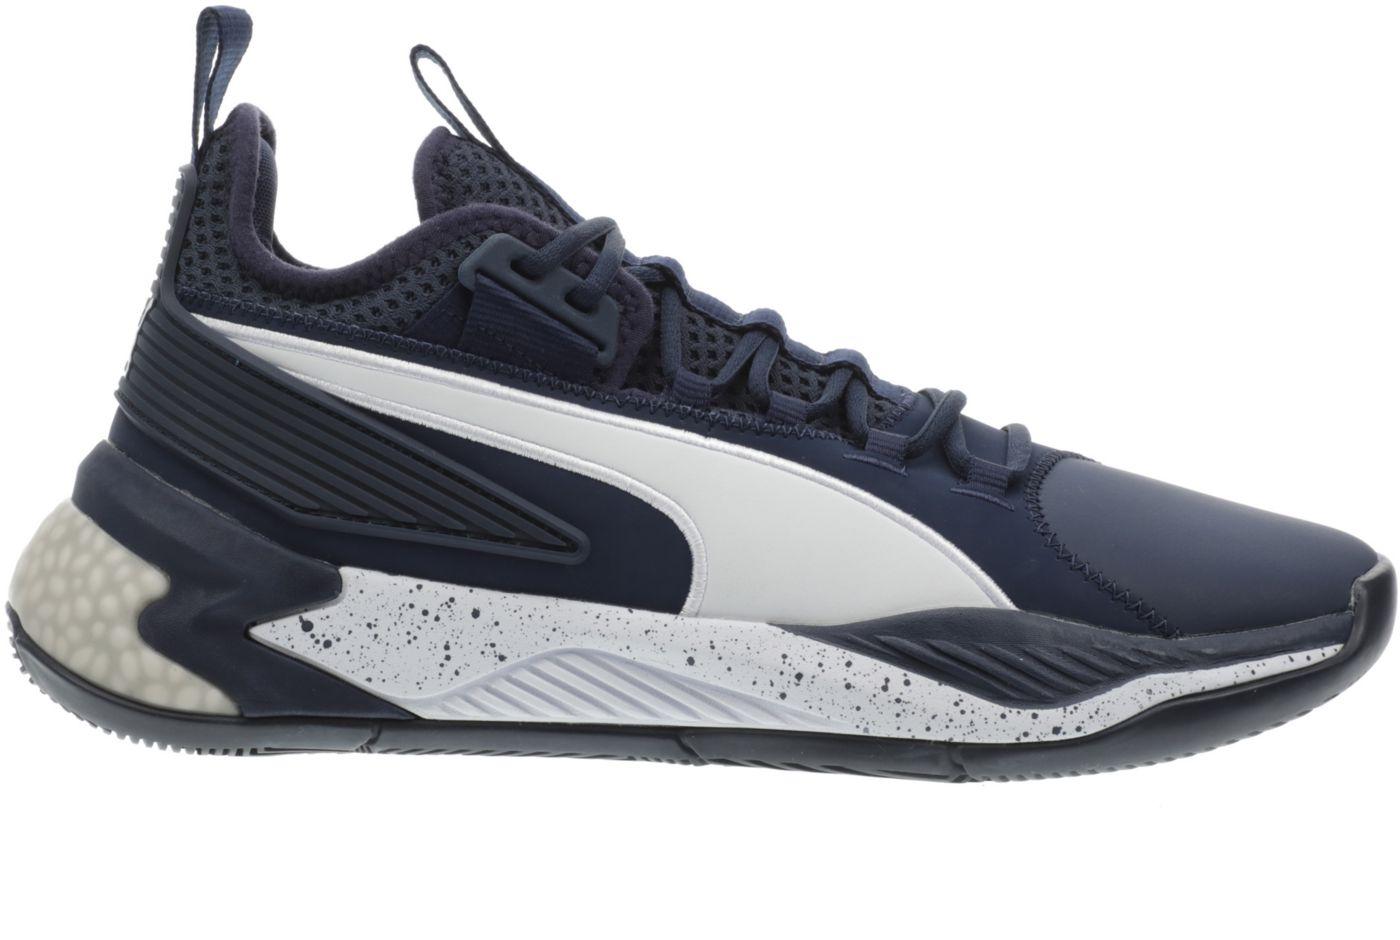 PUMA Uproar Hybrid Court Basketball Shoes